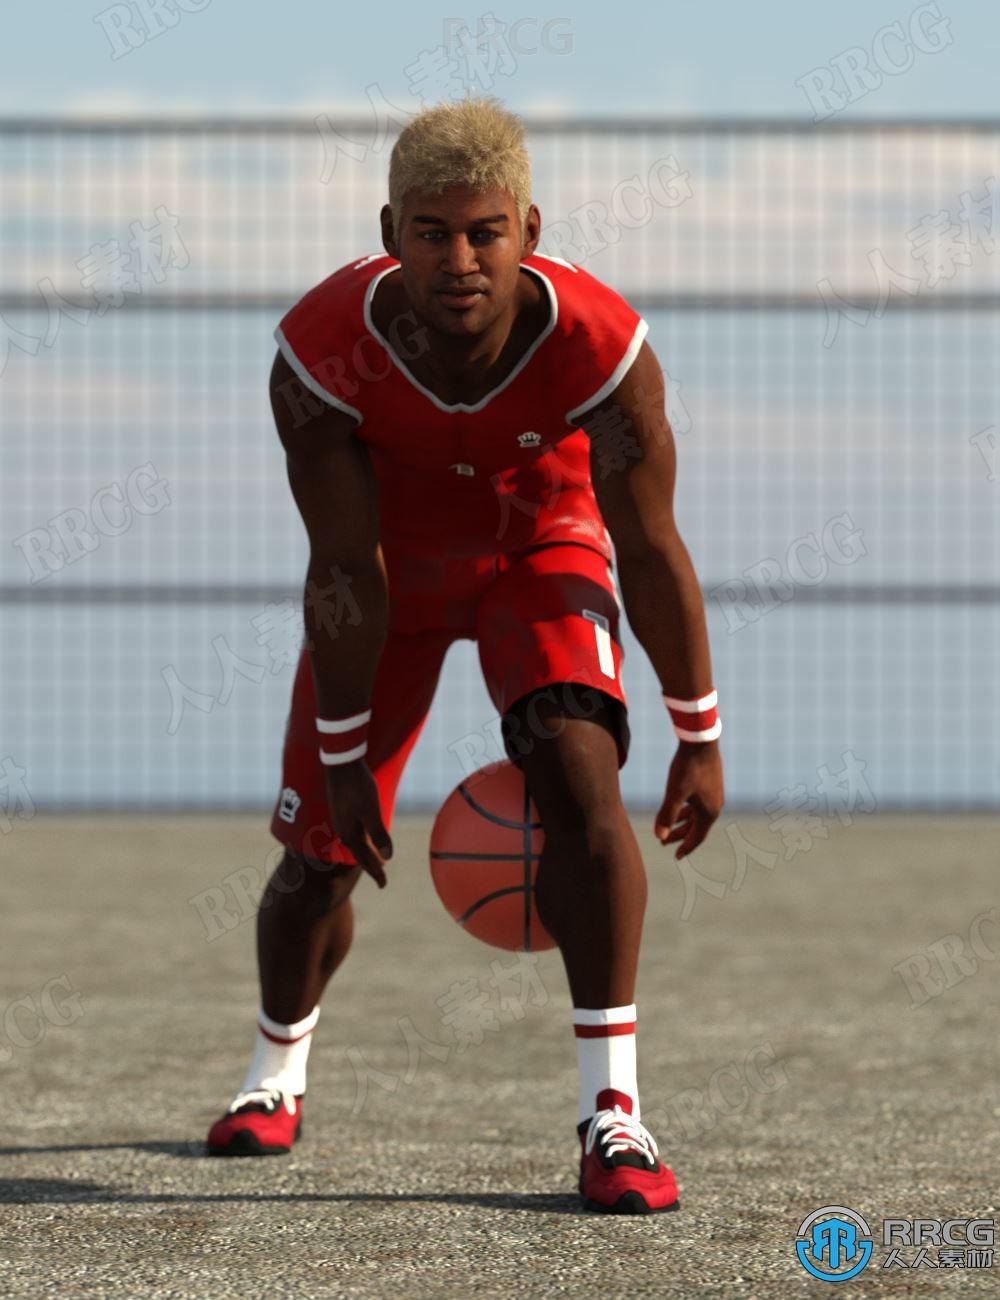 20组帅气运动员角色打篮球姿势3D模型合集